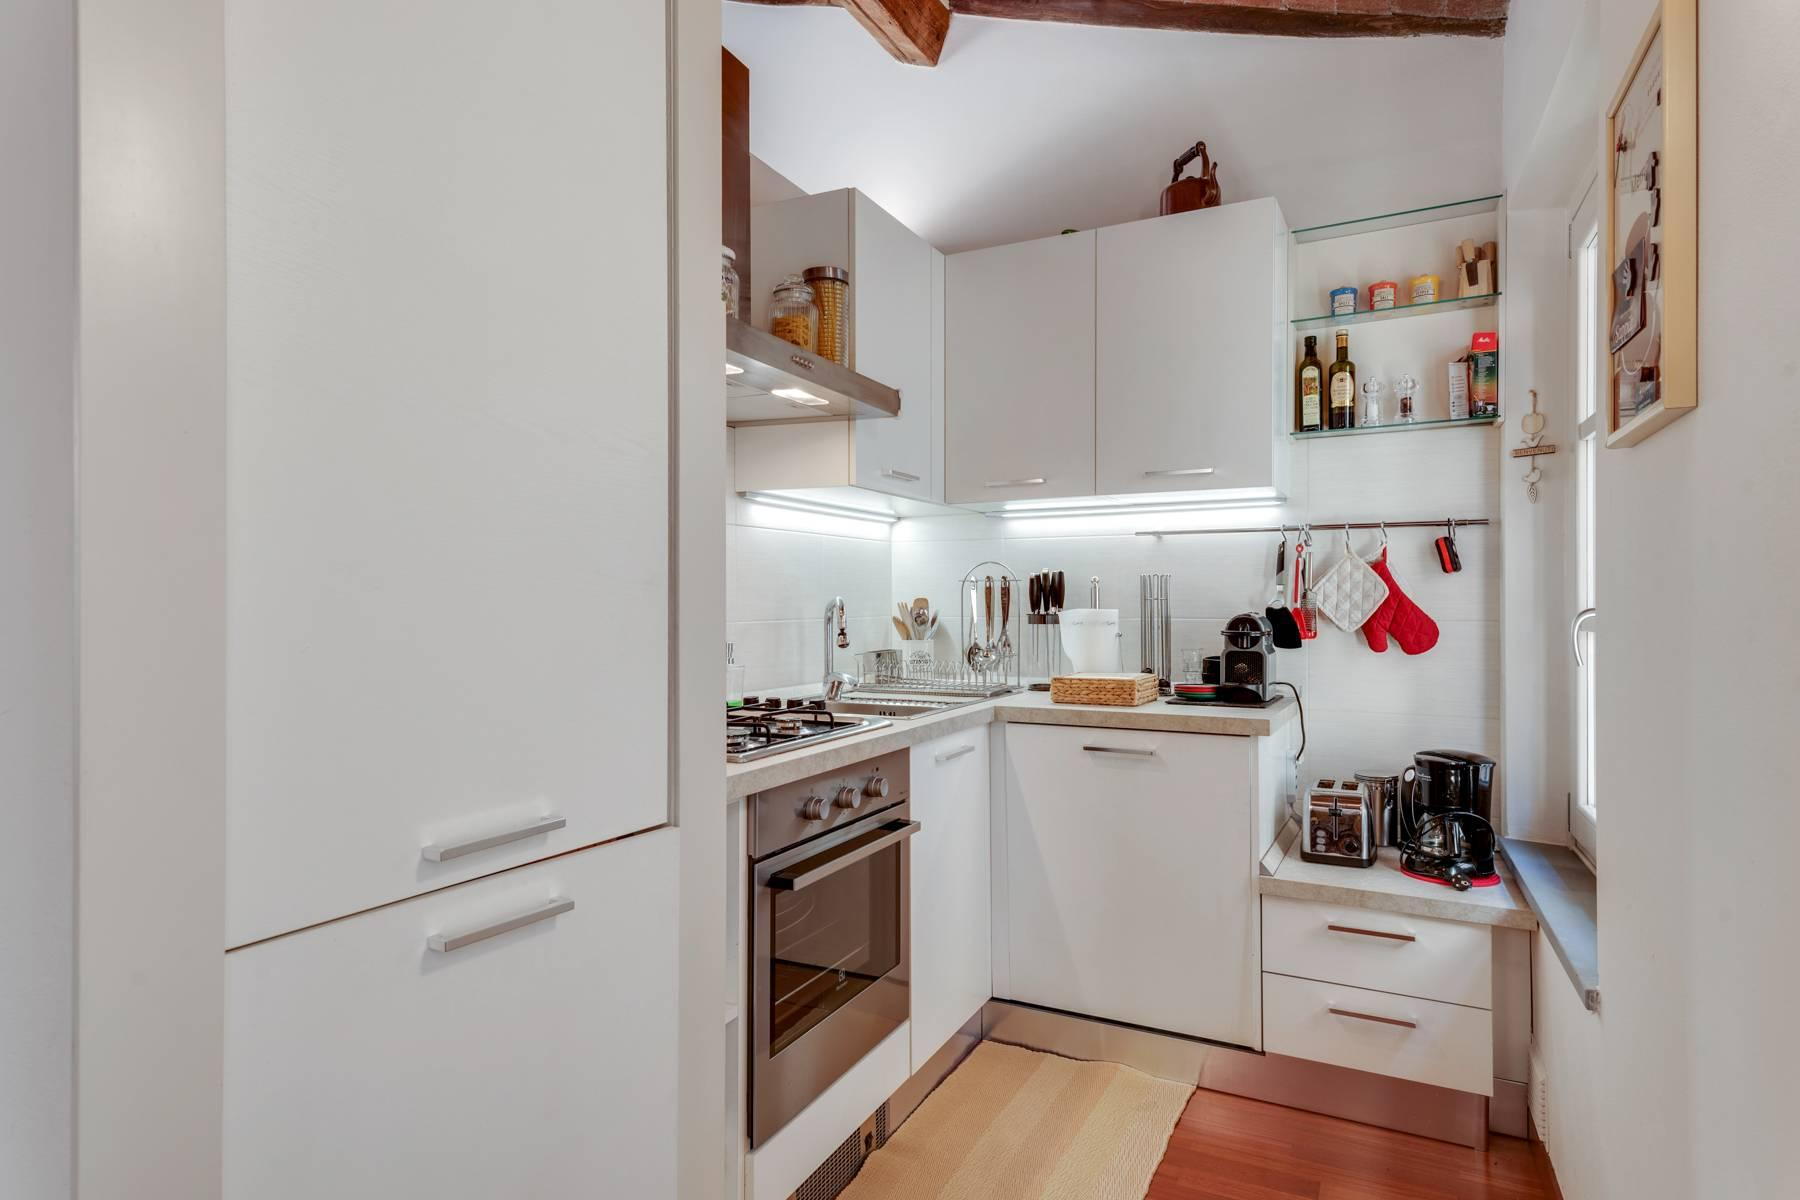 Grazioso appartamento indipendente nel cuore di Lucca - 5